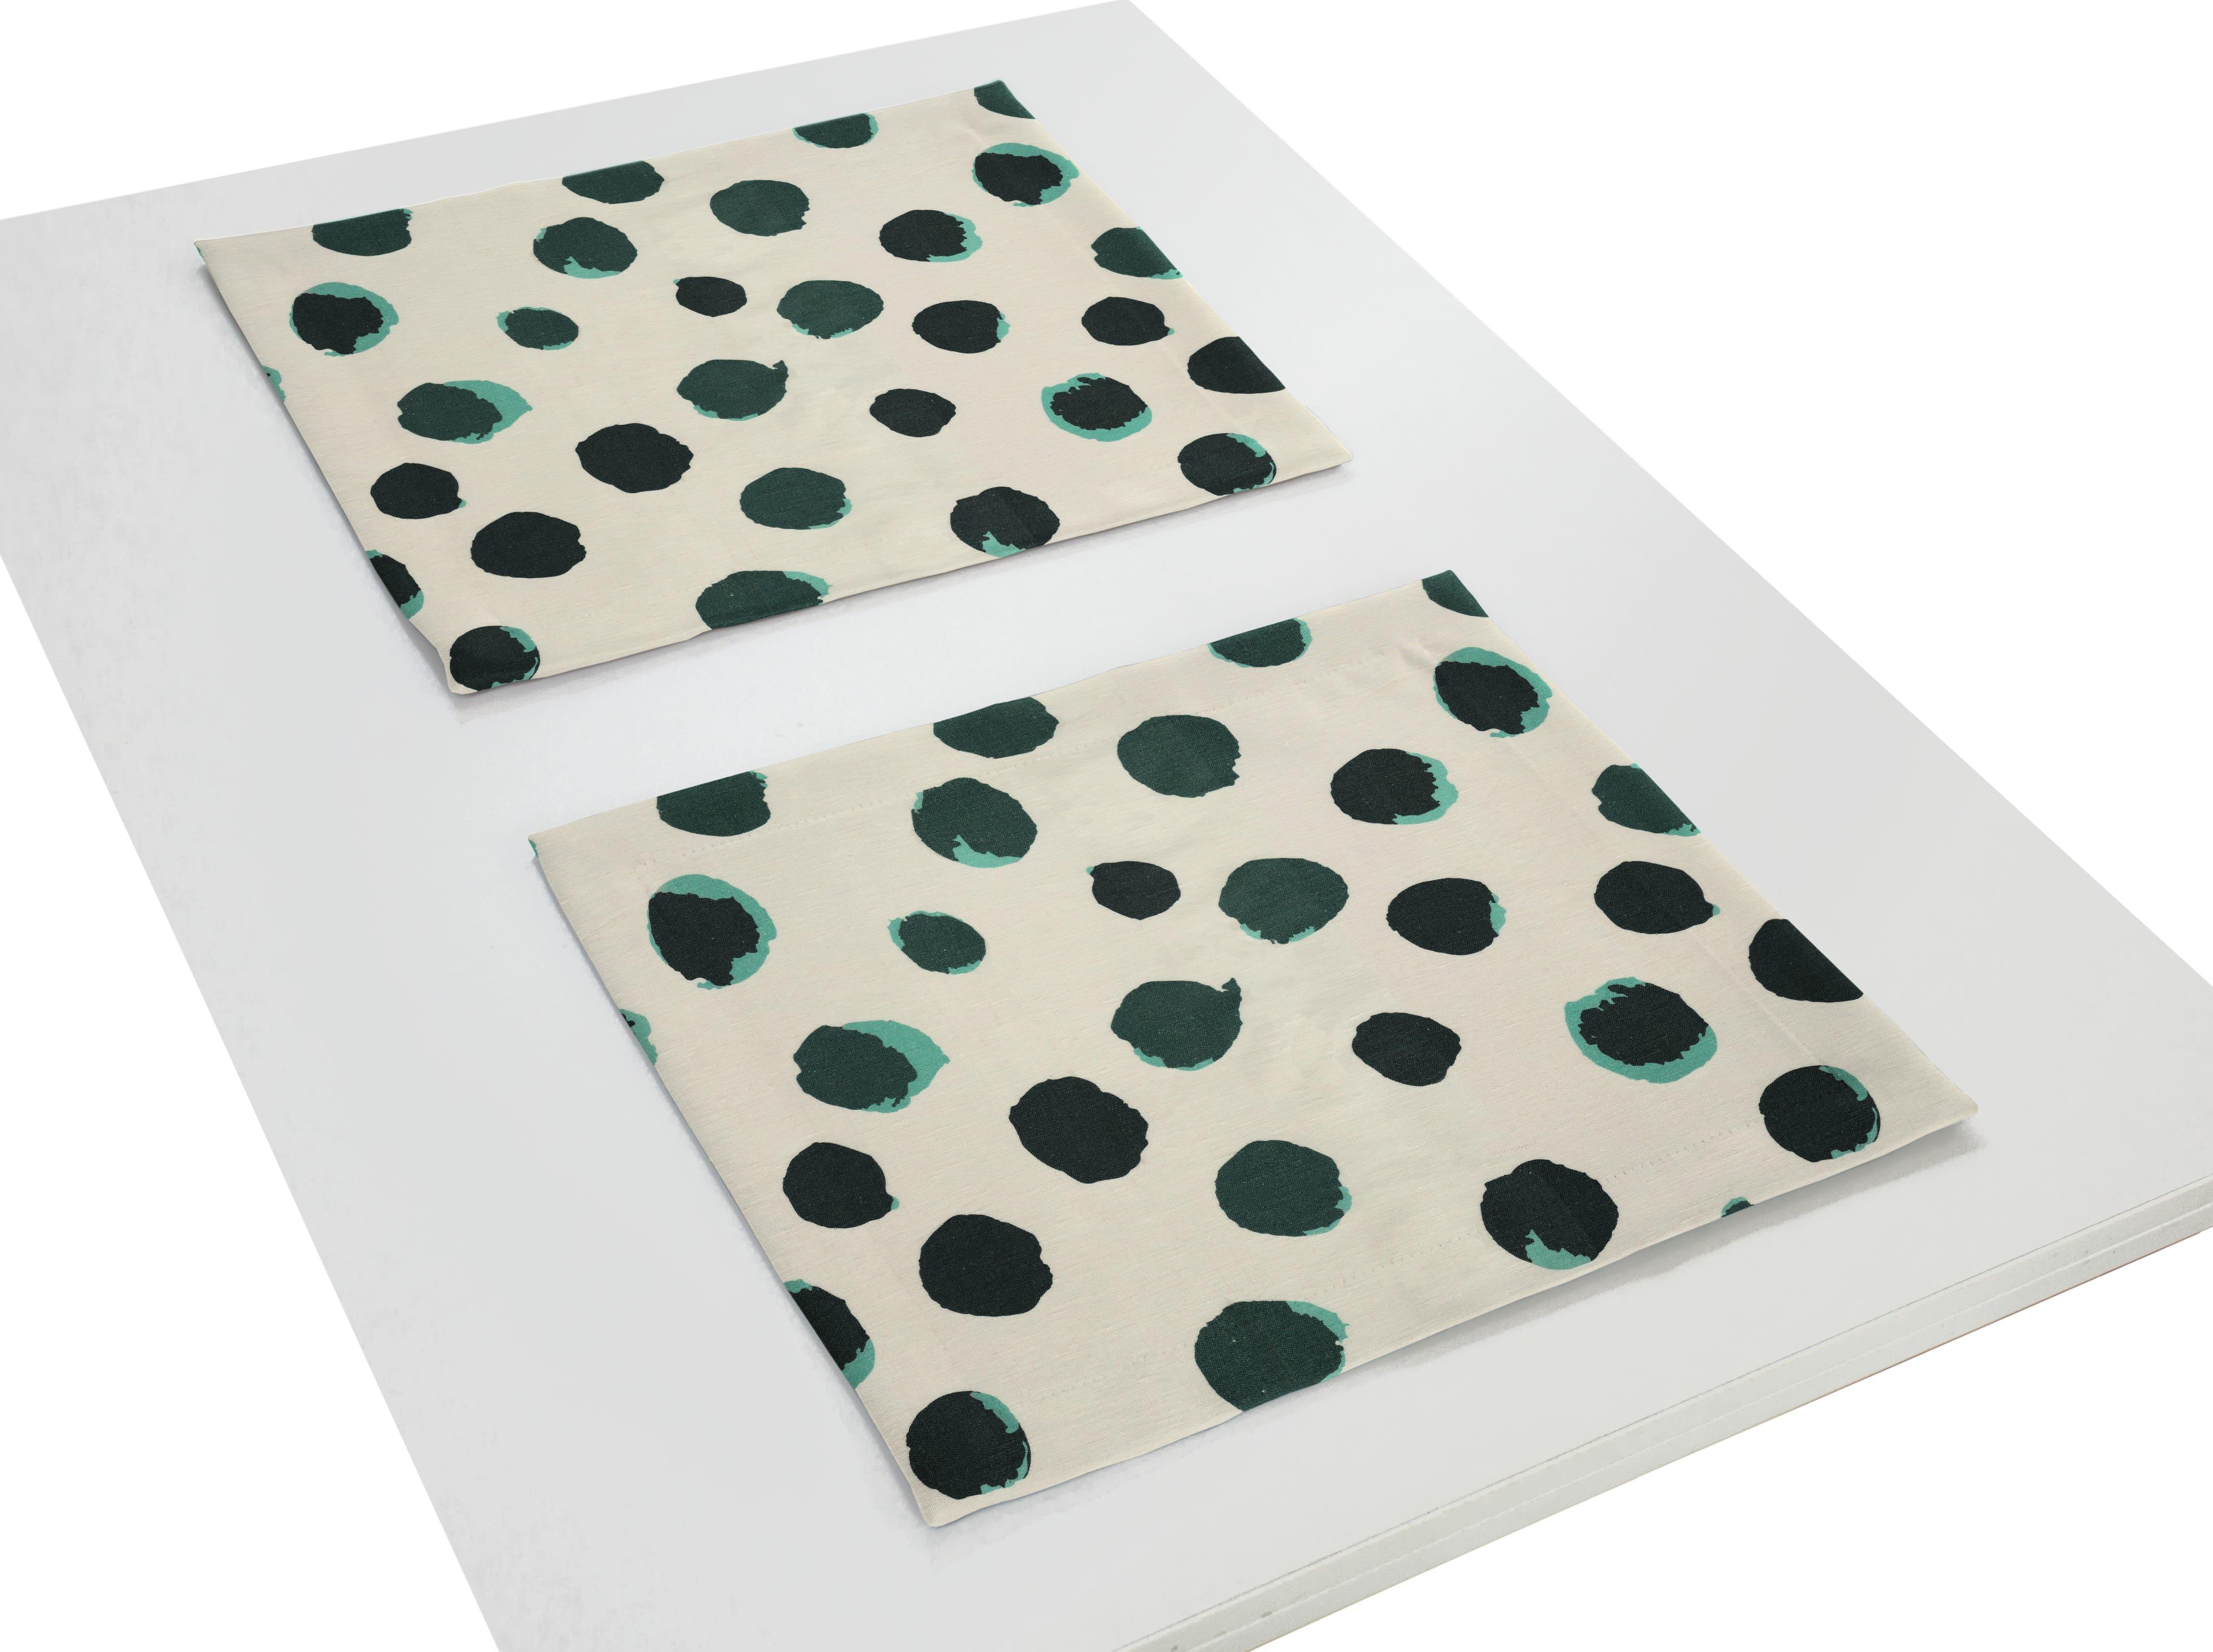 Tischset aus Leinen 'Dots' (2er Set)